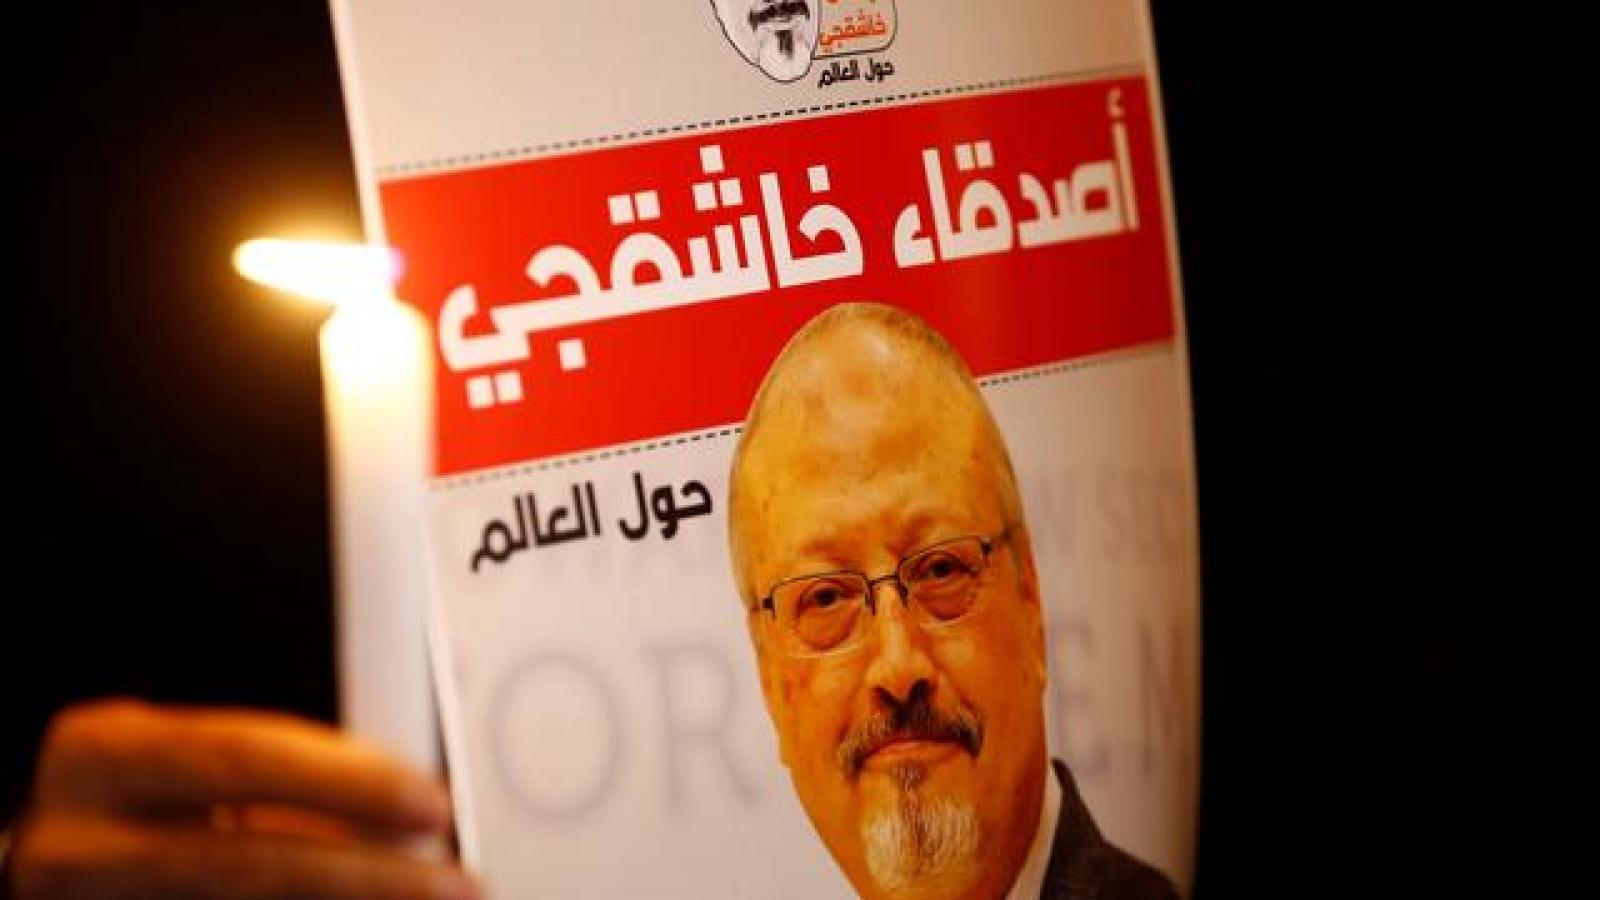 Mỹ không trừng phạt thêm Saudi Arabia: Vụ án nhà báo Khashoggi khép lại?